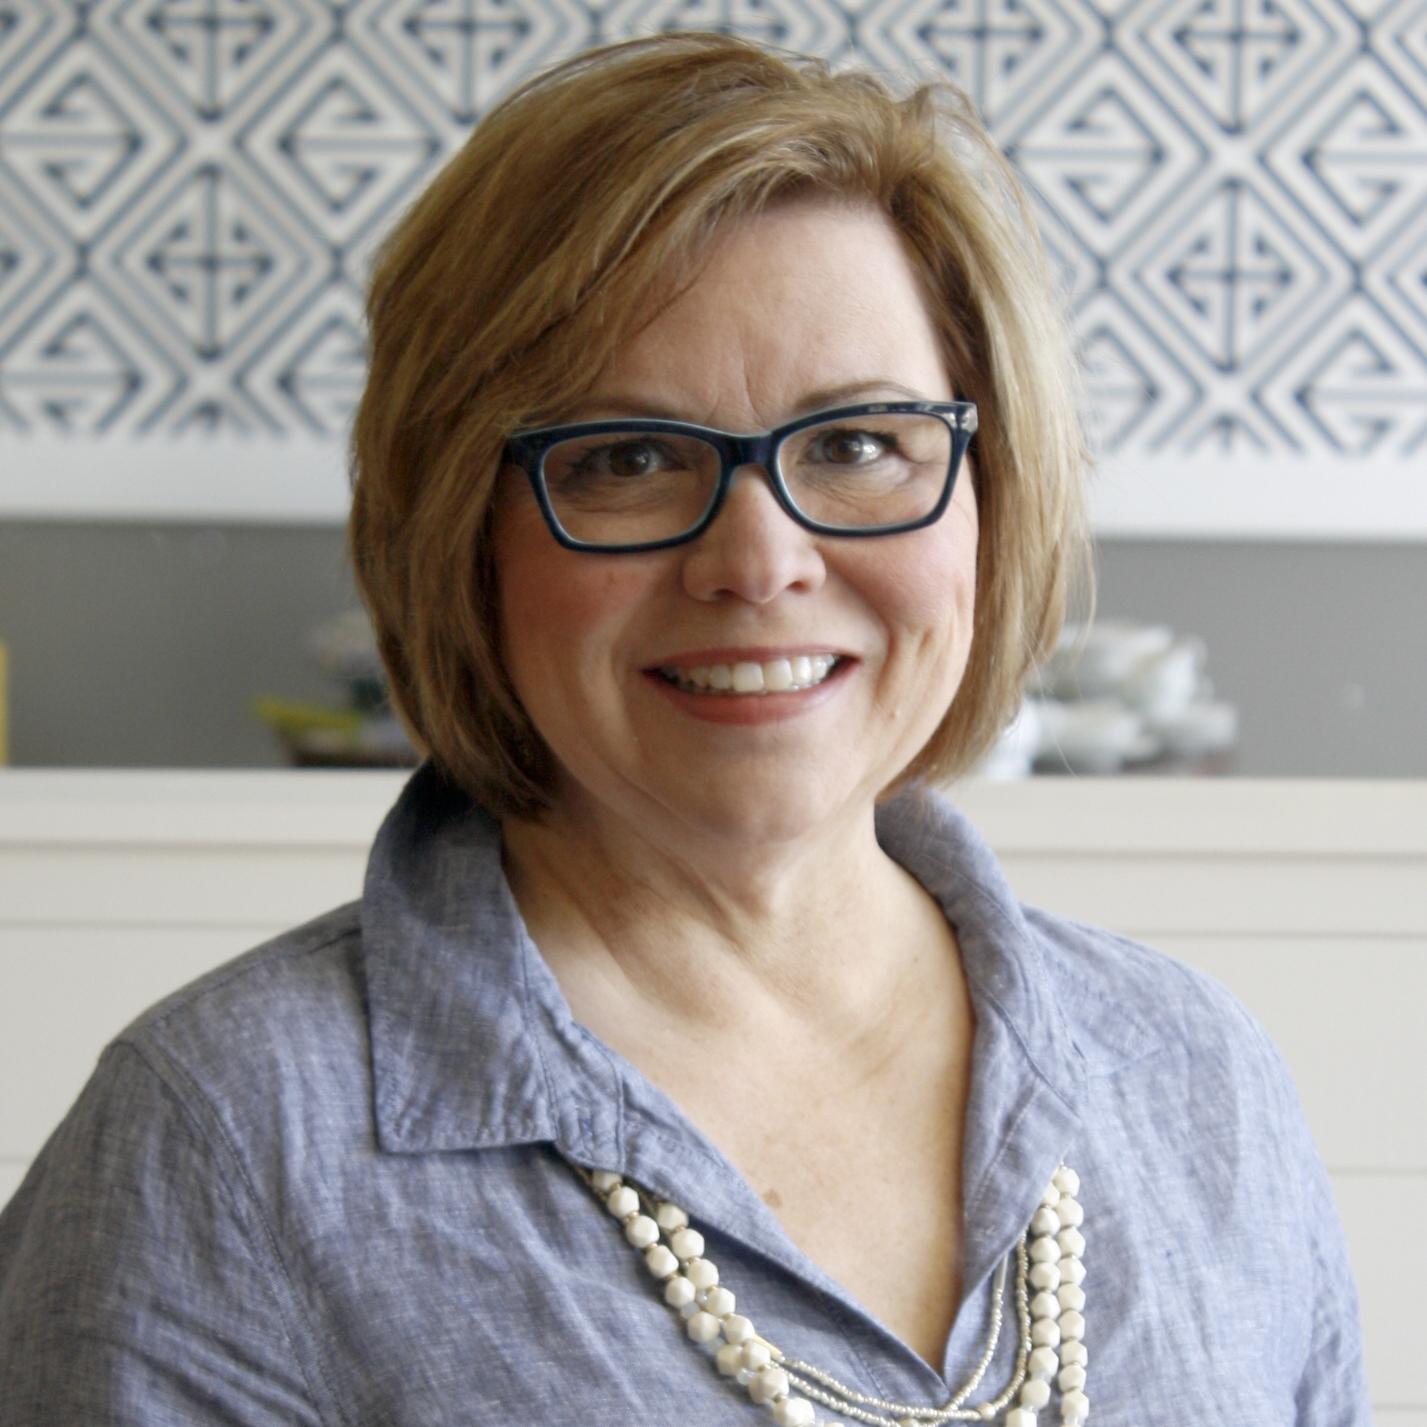 Susan DuBose, Owner